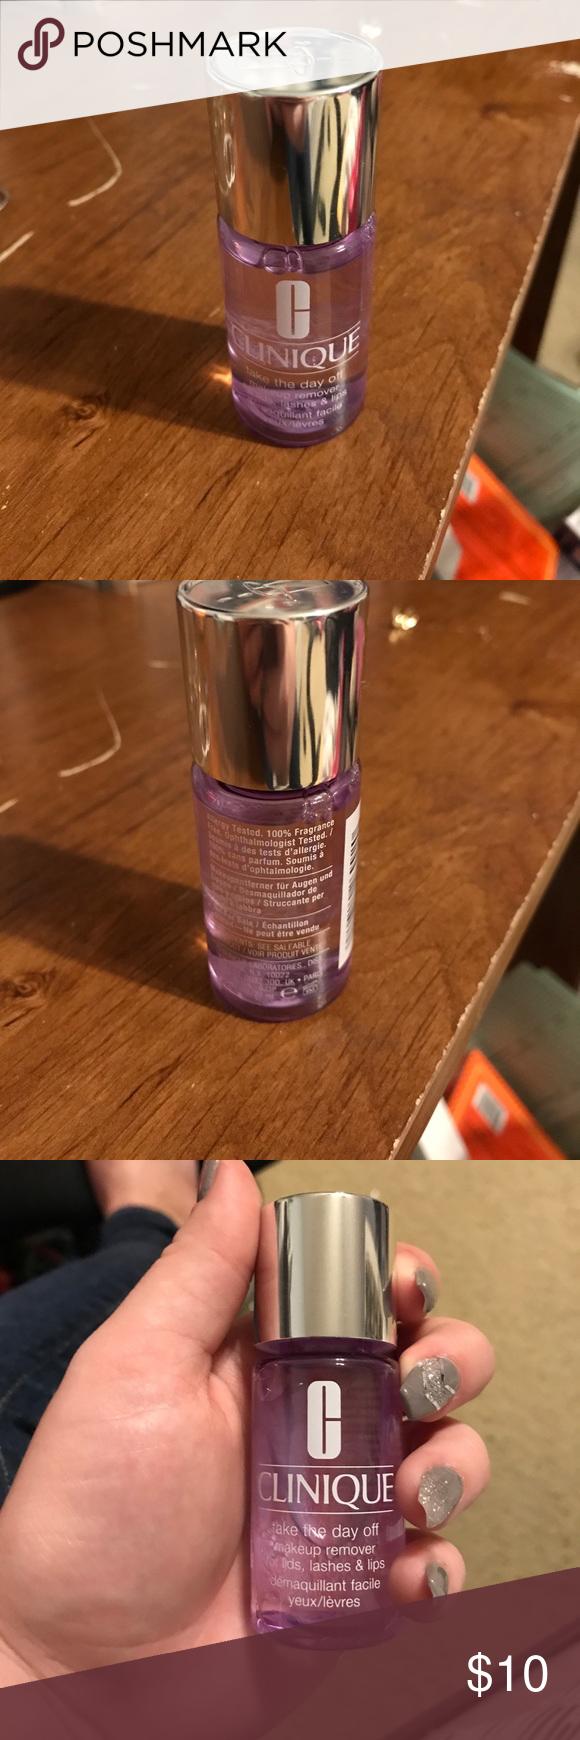 Clinique makeup remover Clinique makeup remover. Brand new